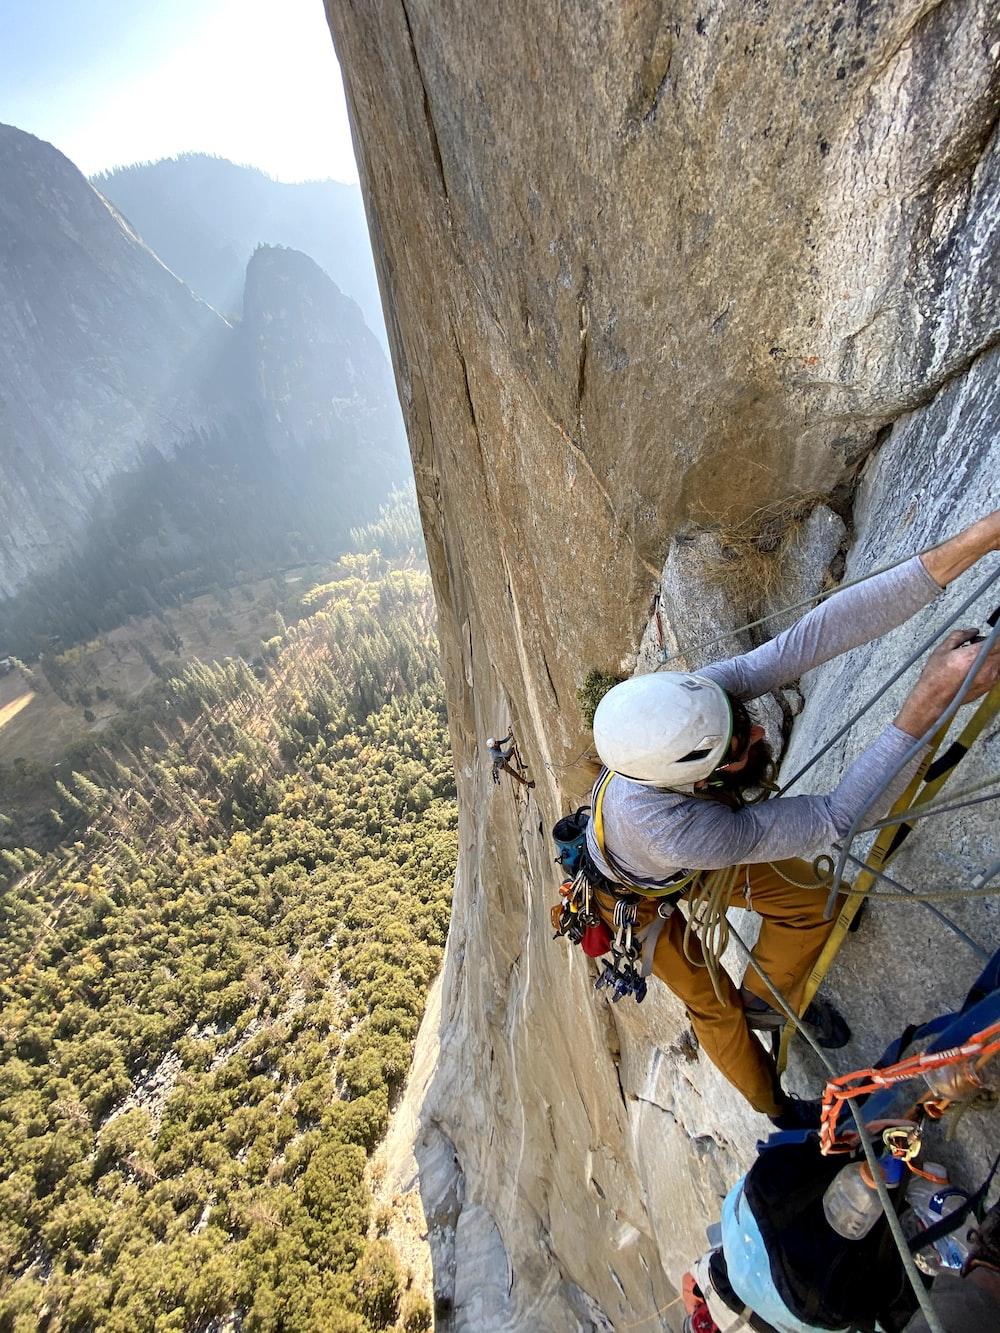 man in white helmet climbing mountain during daytime